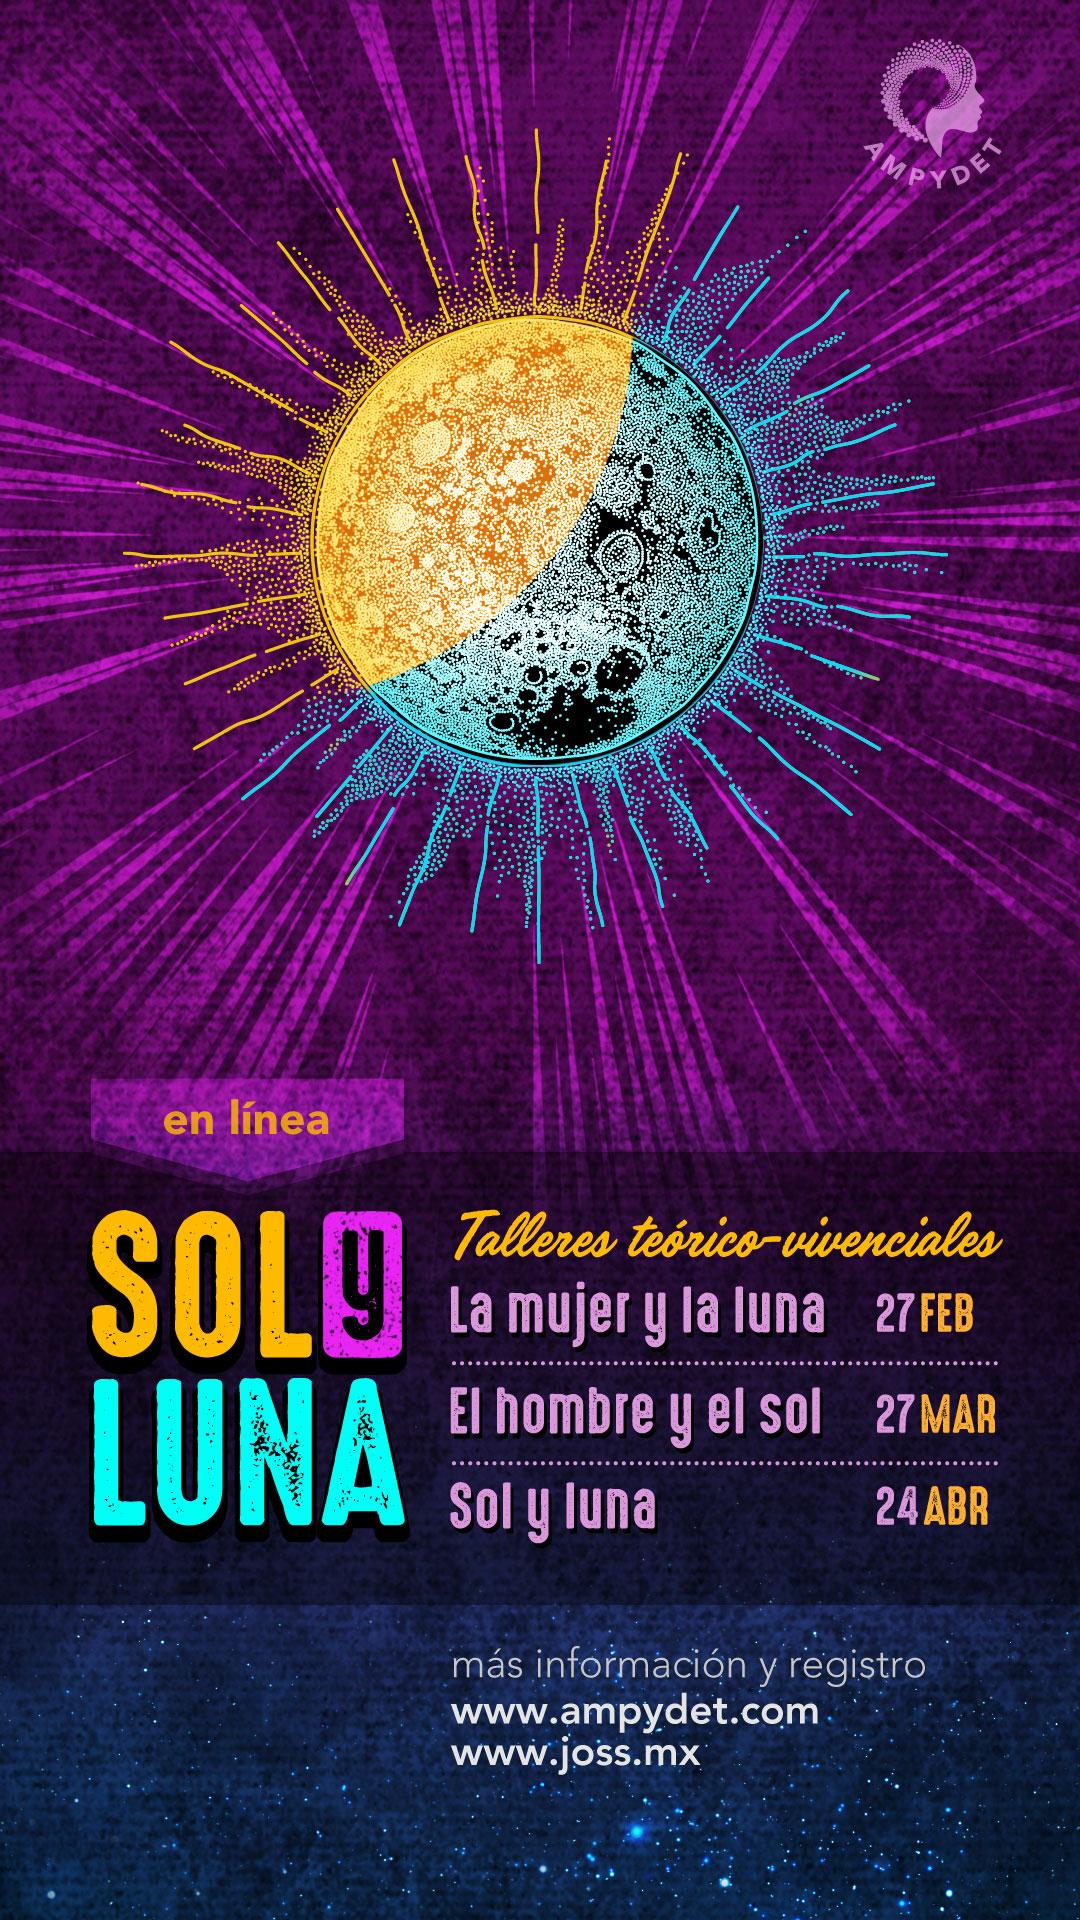 SOLyLUNA_story_01b